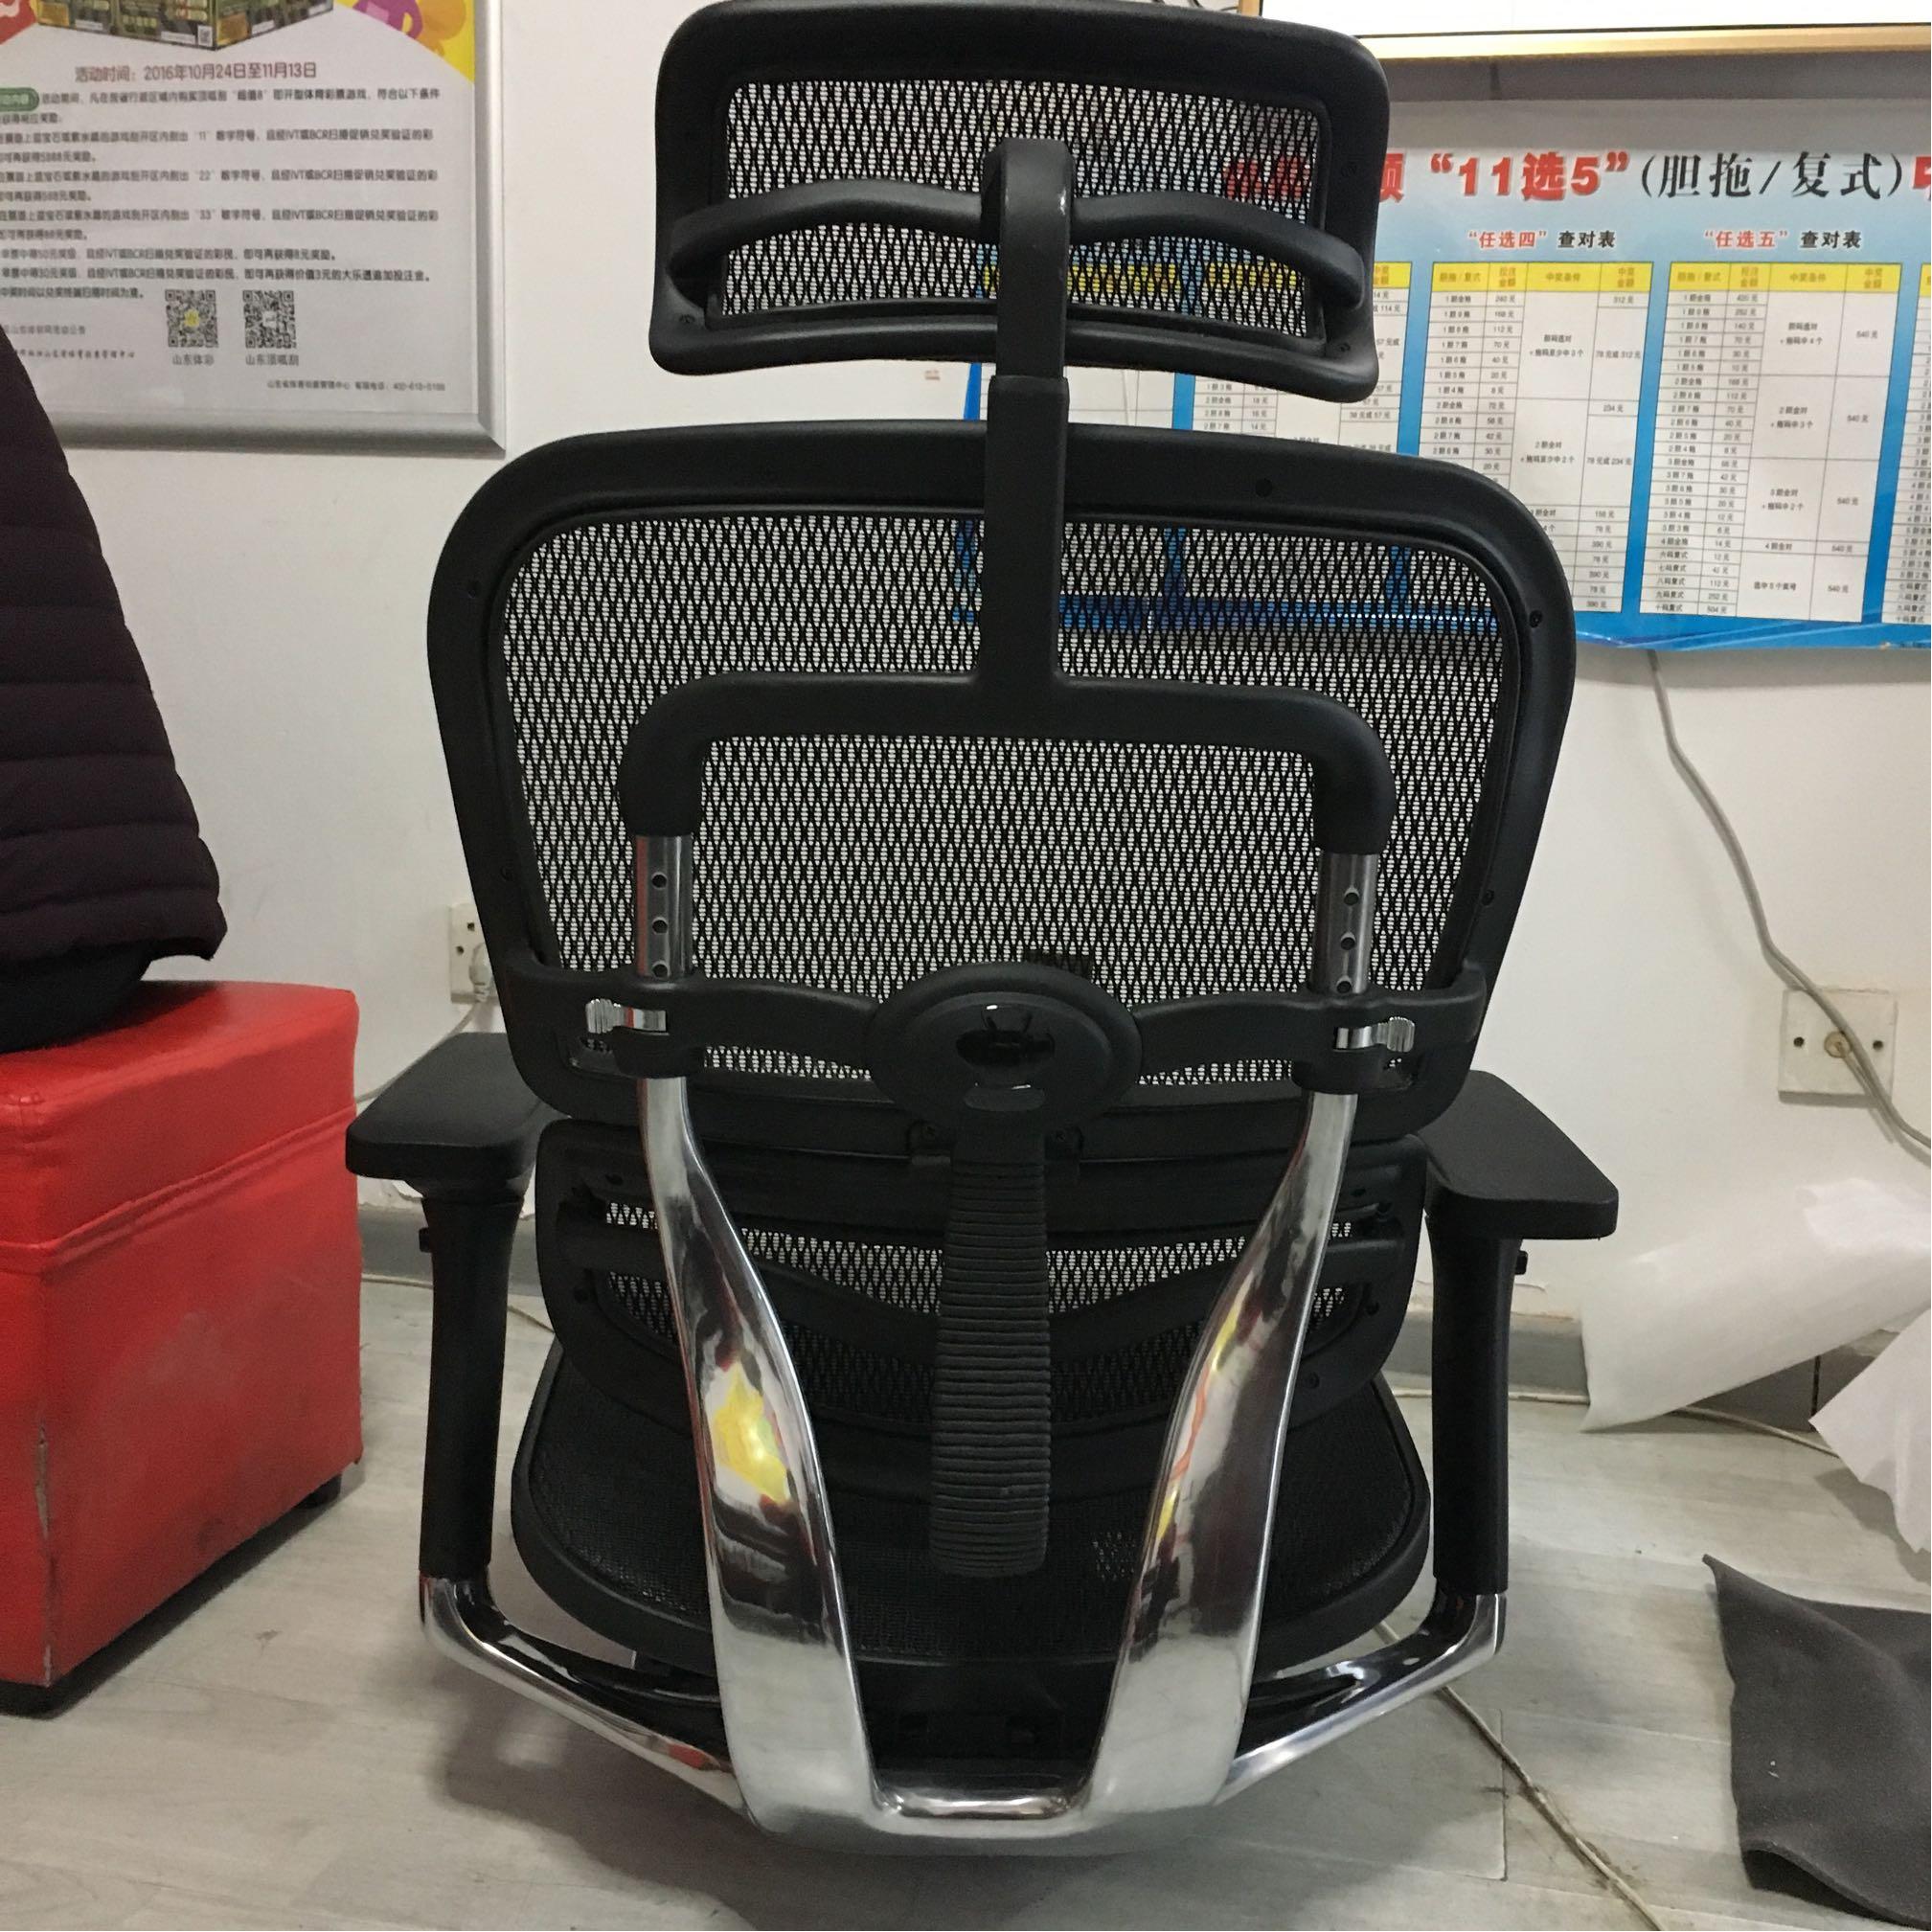 真相爆料保友金豪+e人体工学椅子怎么样,揭秘保友金豪+e和保友金豪智尚版电脑椅哪个好